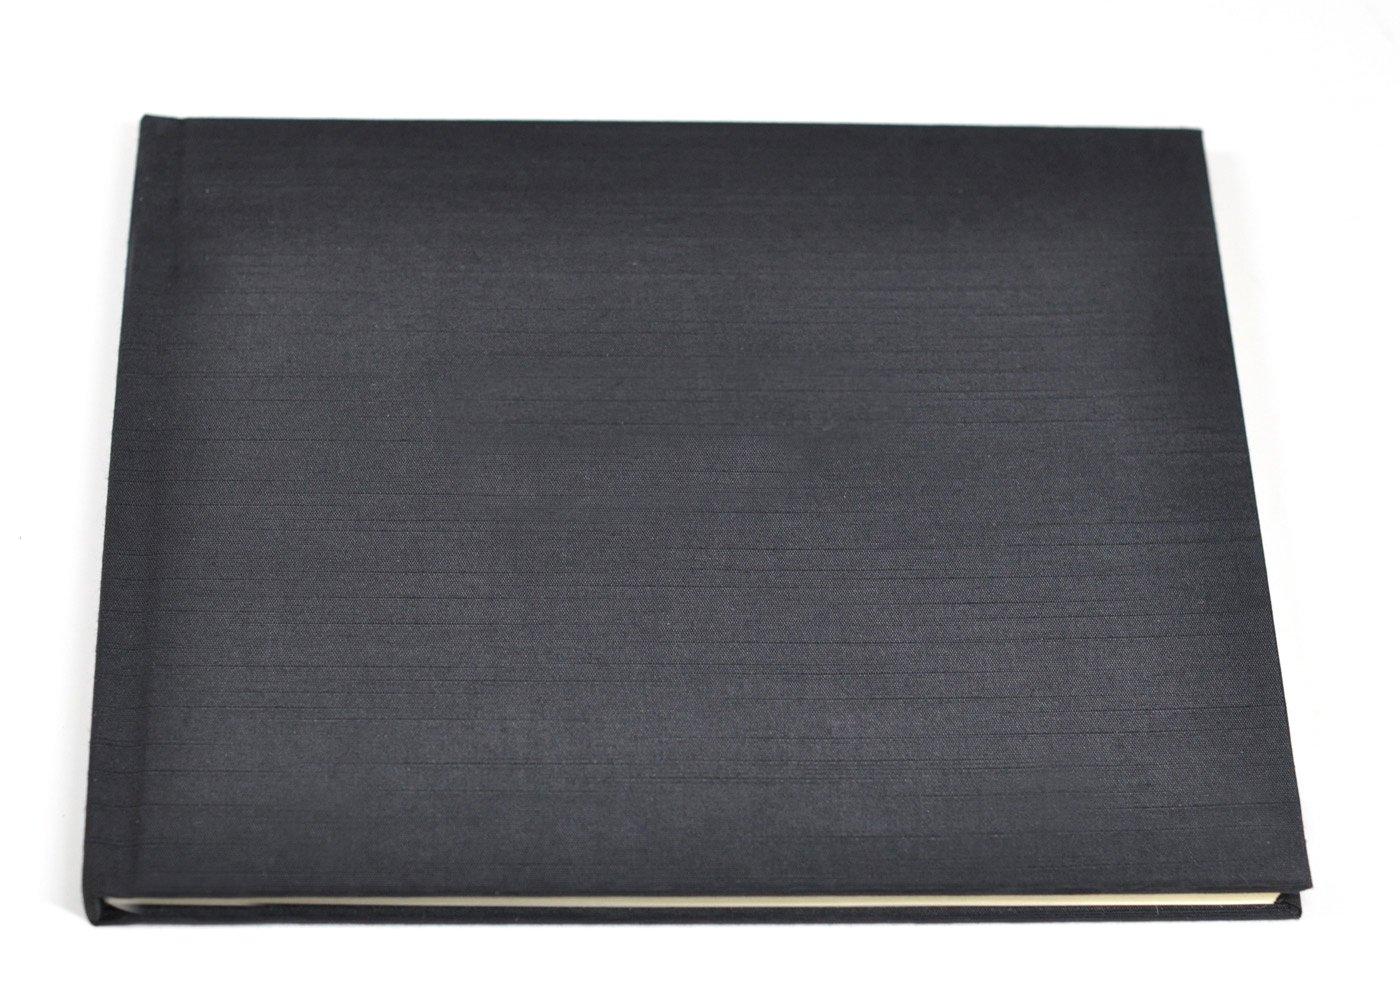 裏地なしゲストブックまたはメモリーブックwith空白ページ – ブラックサテン   B00GTXOE3G